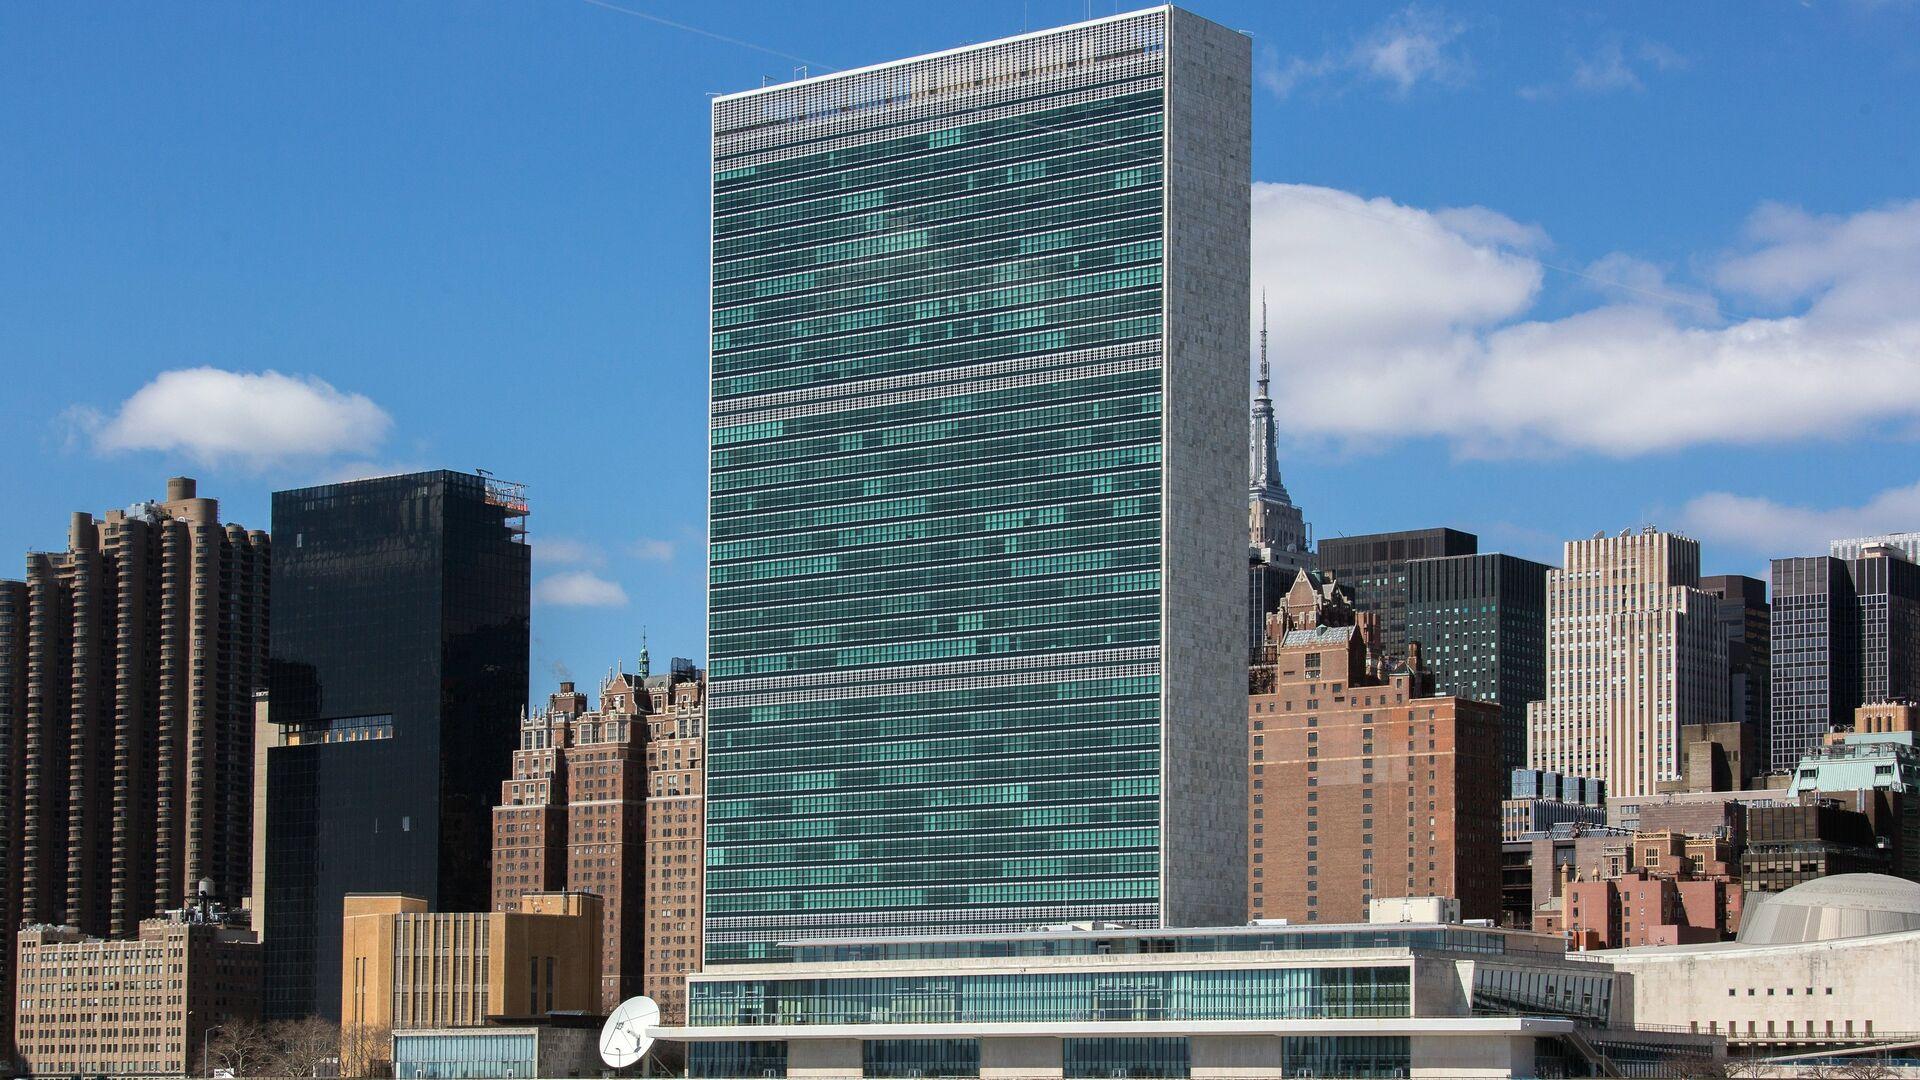 ՄԱԿ–ի շենքը - Sputnik Արմենիա, 1920, 25.09.2021